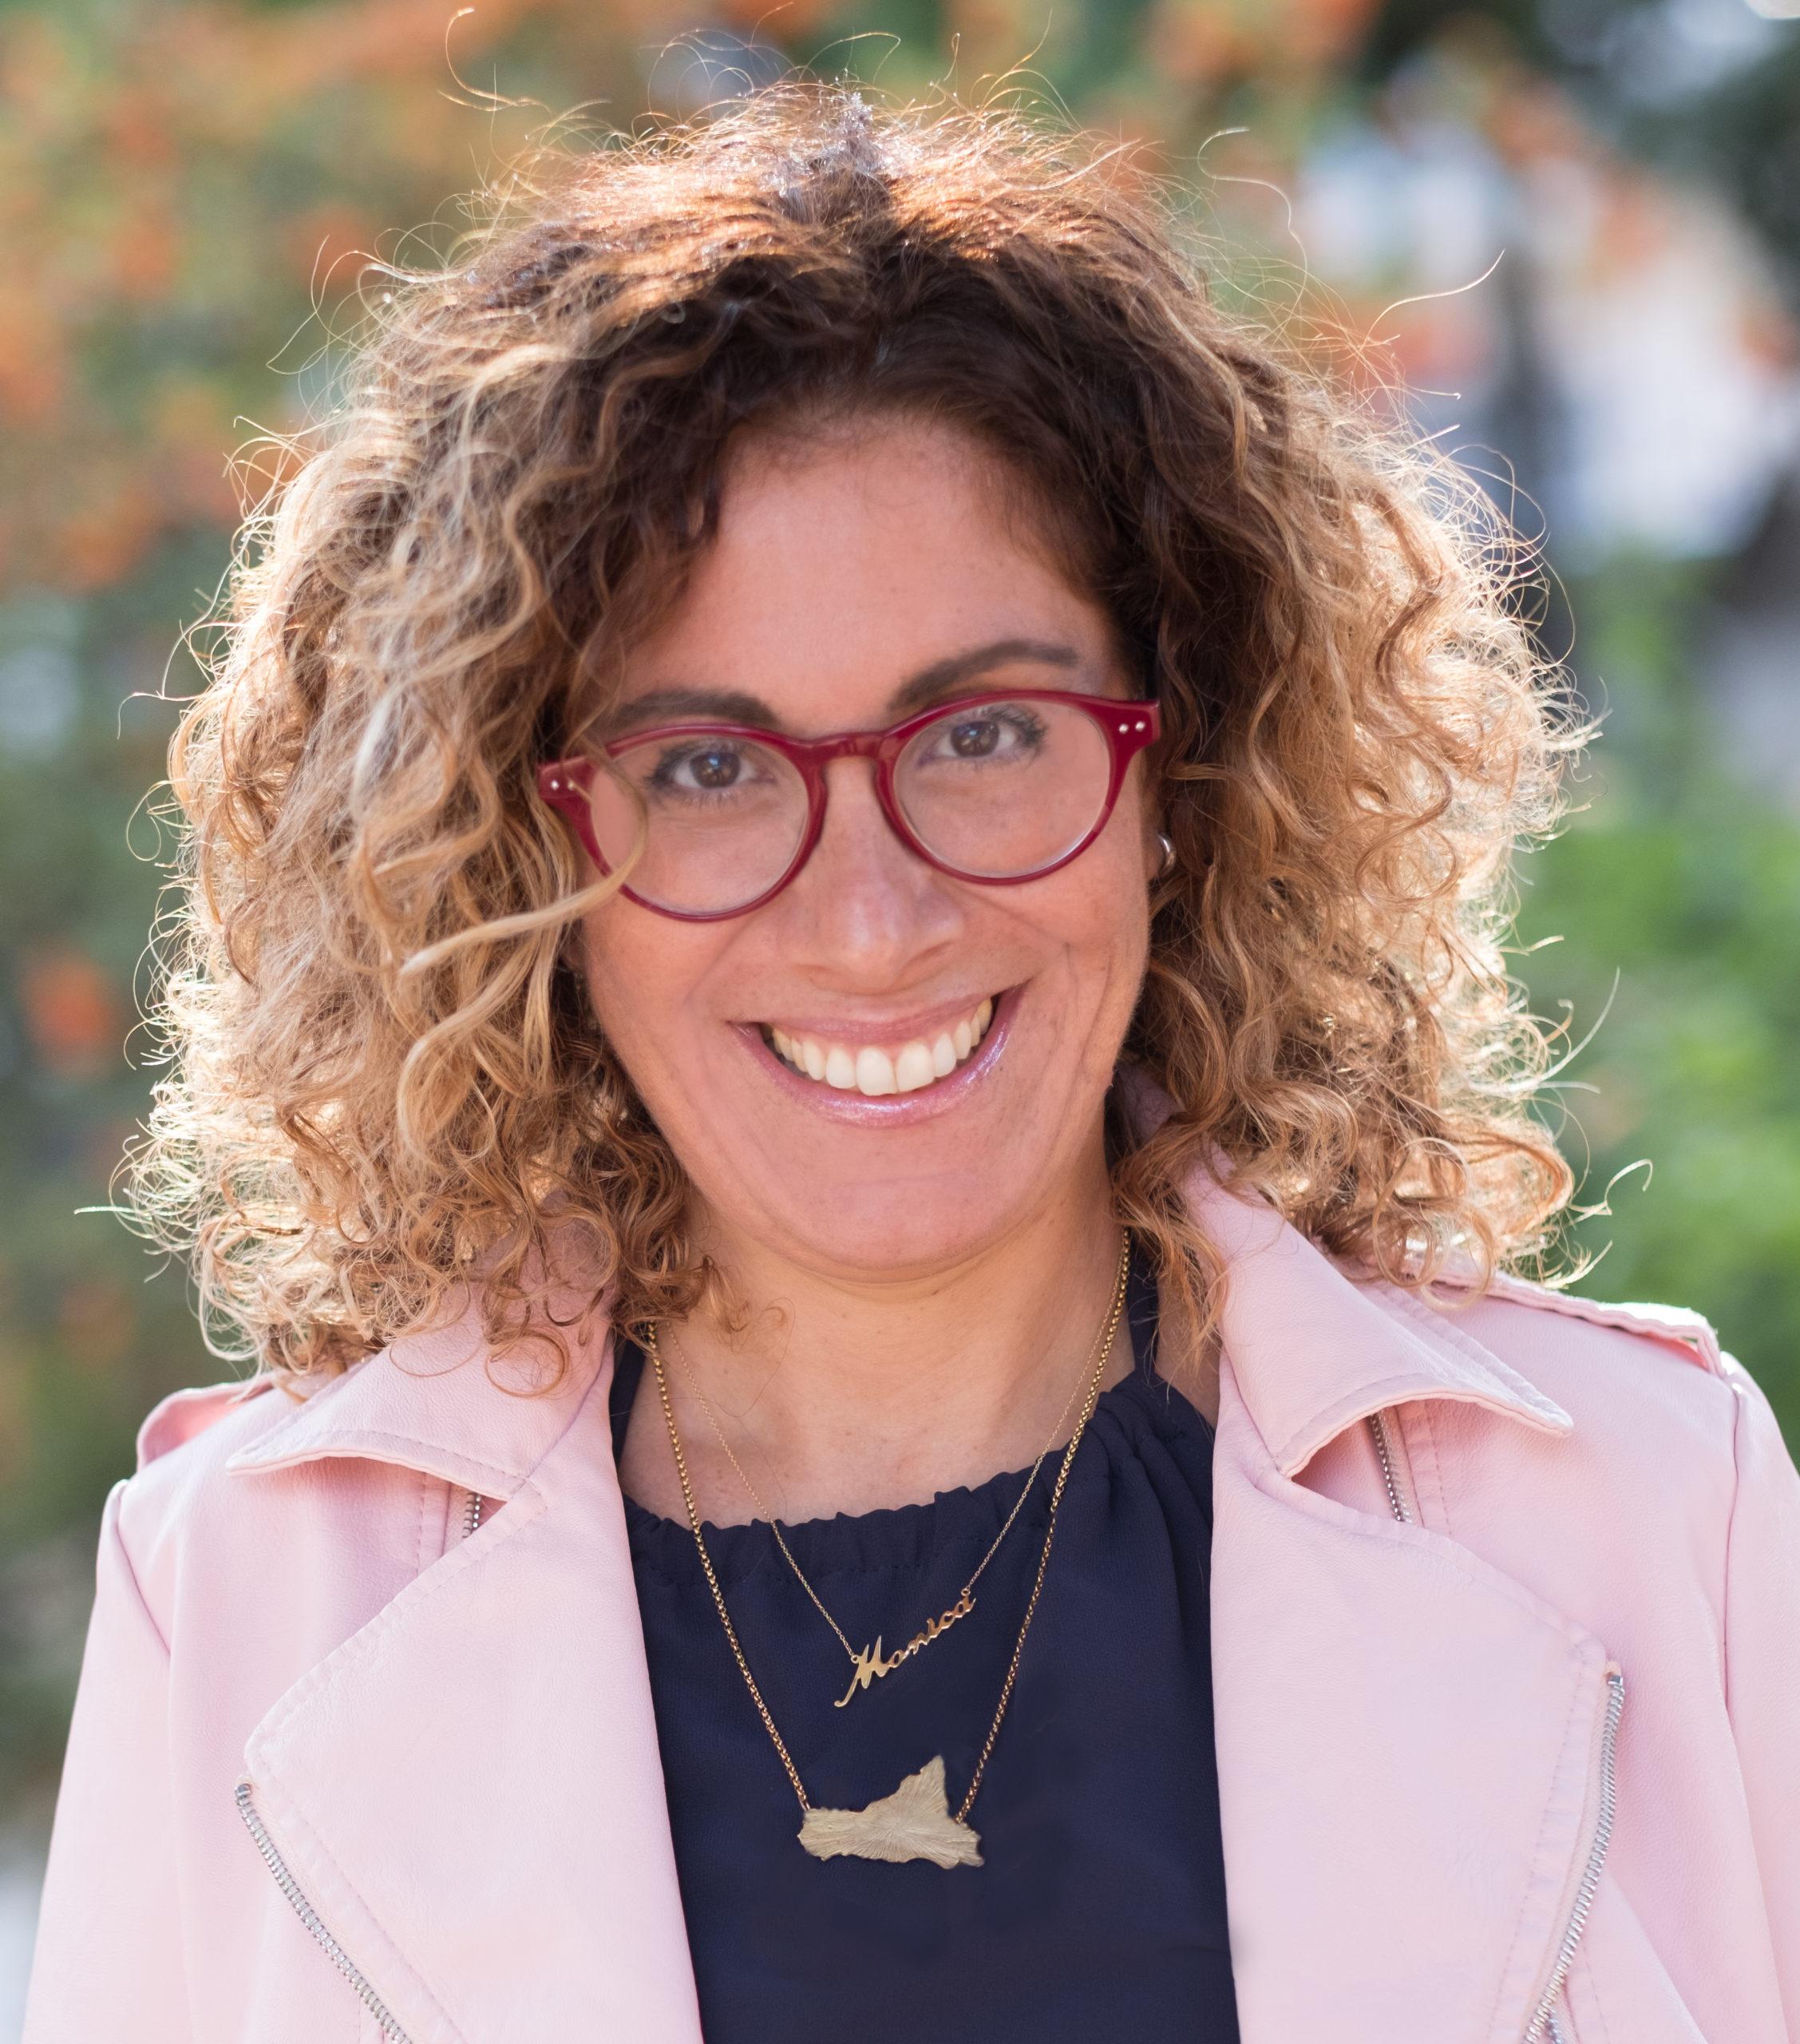 Monica Perricone